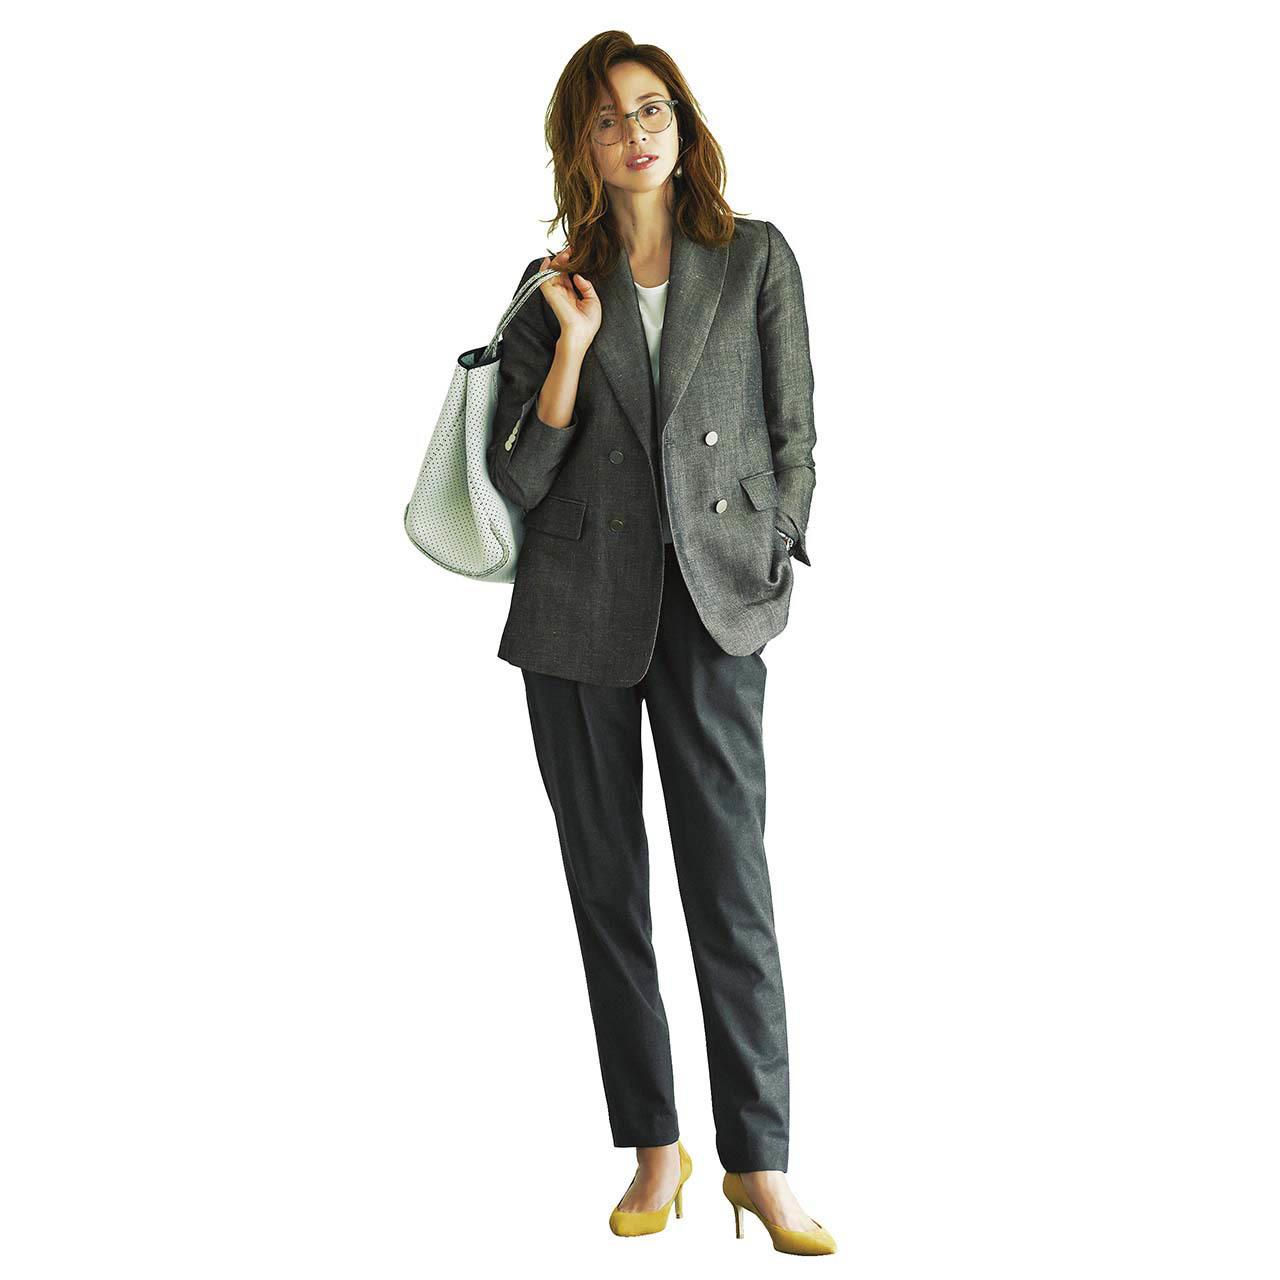 ファッション Wジャケット×ジョッパーズパンツコーデ